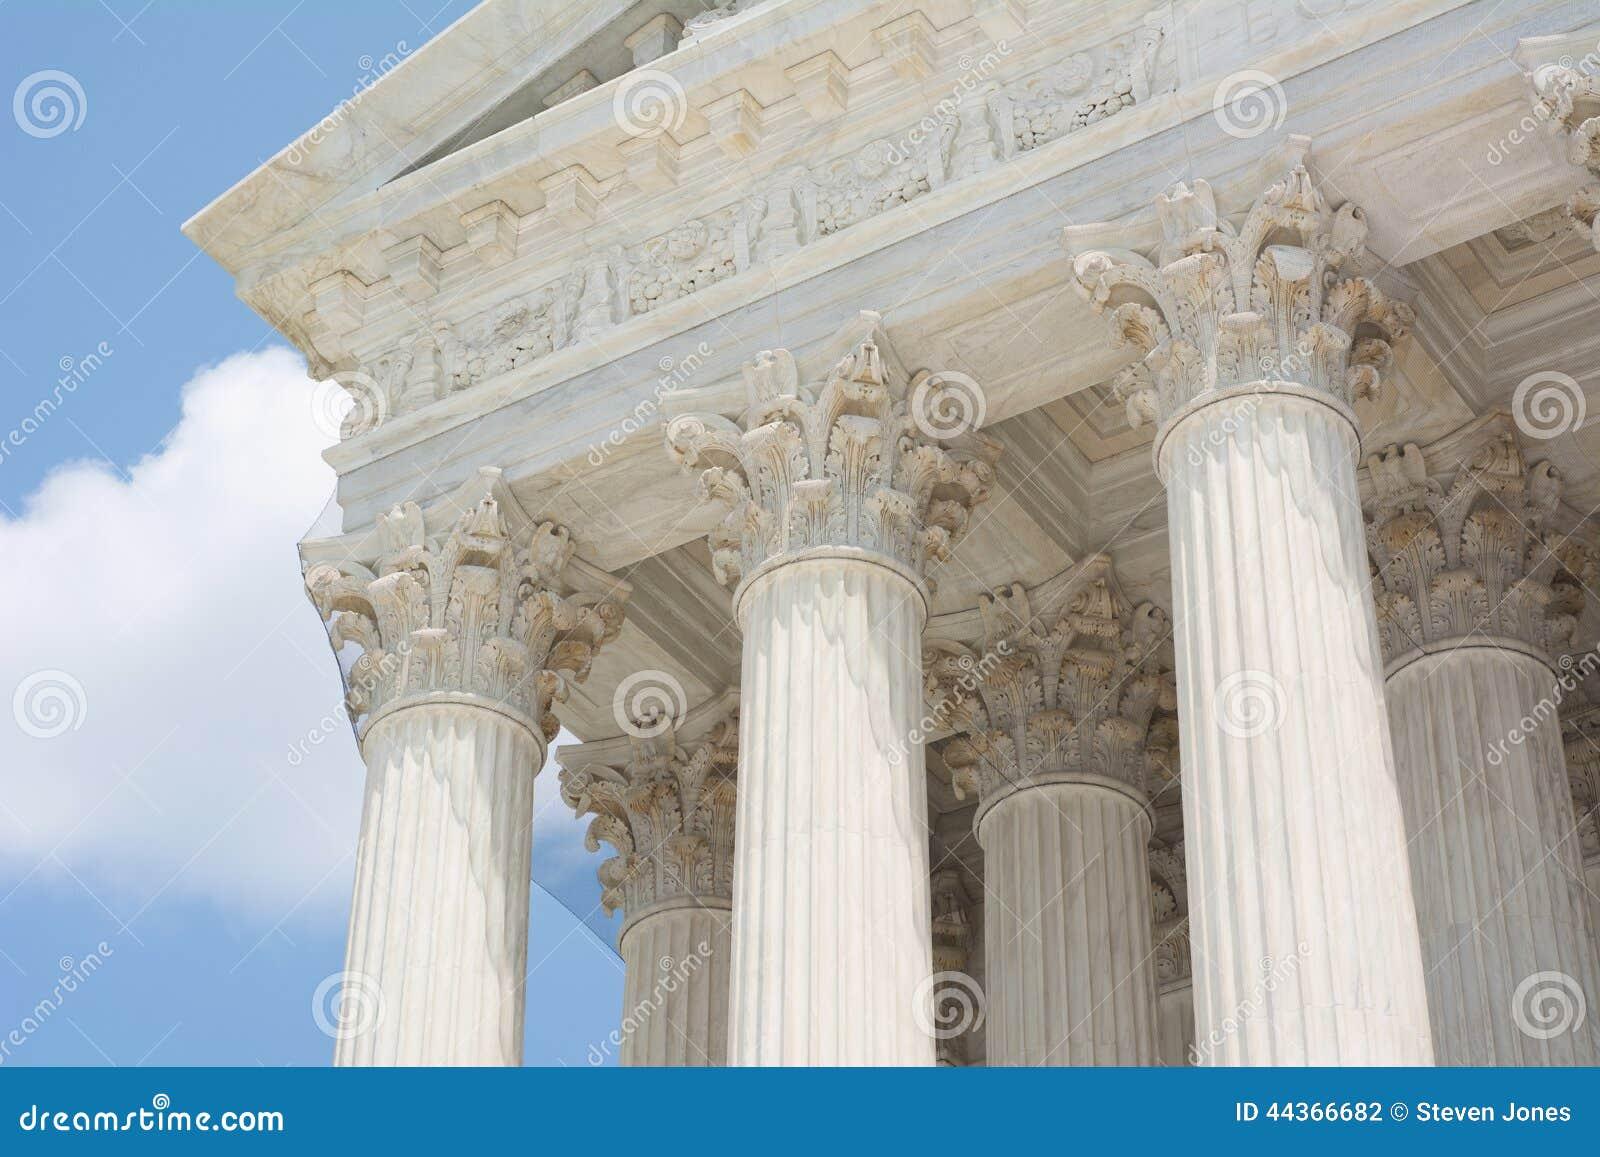 Architettura greca classica fotografia stock immagine for Architettura classica